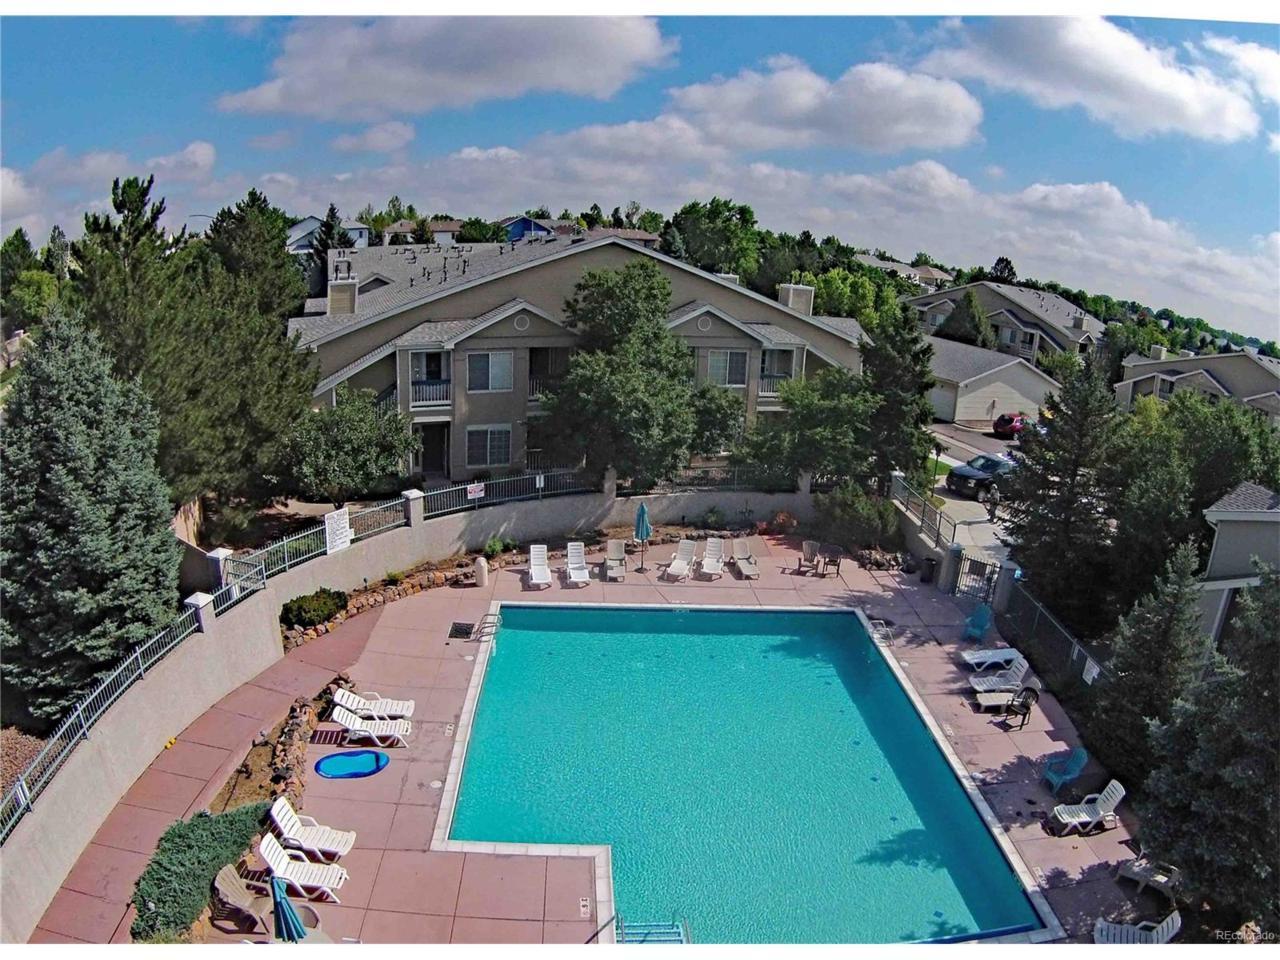 1180 Opal Street #102, Broomfield, CO 80020 (MLS #9170731) :: 8z Real Estate